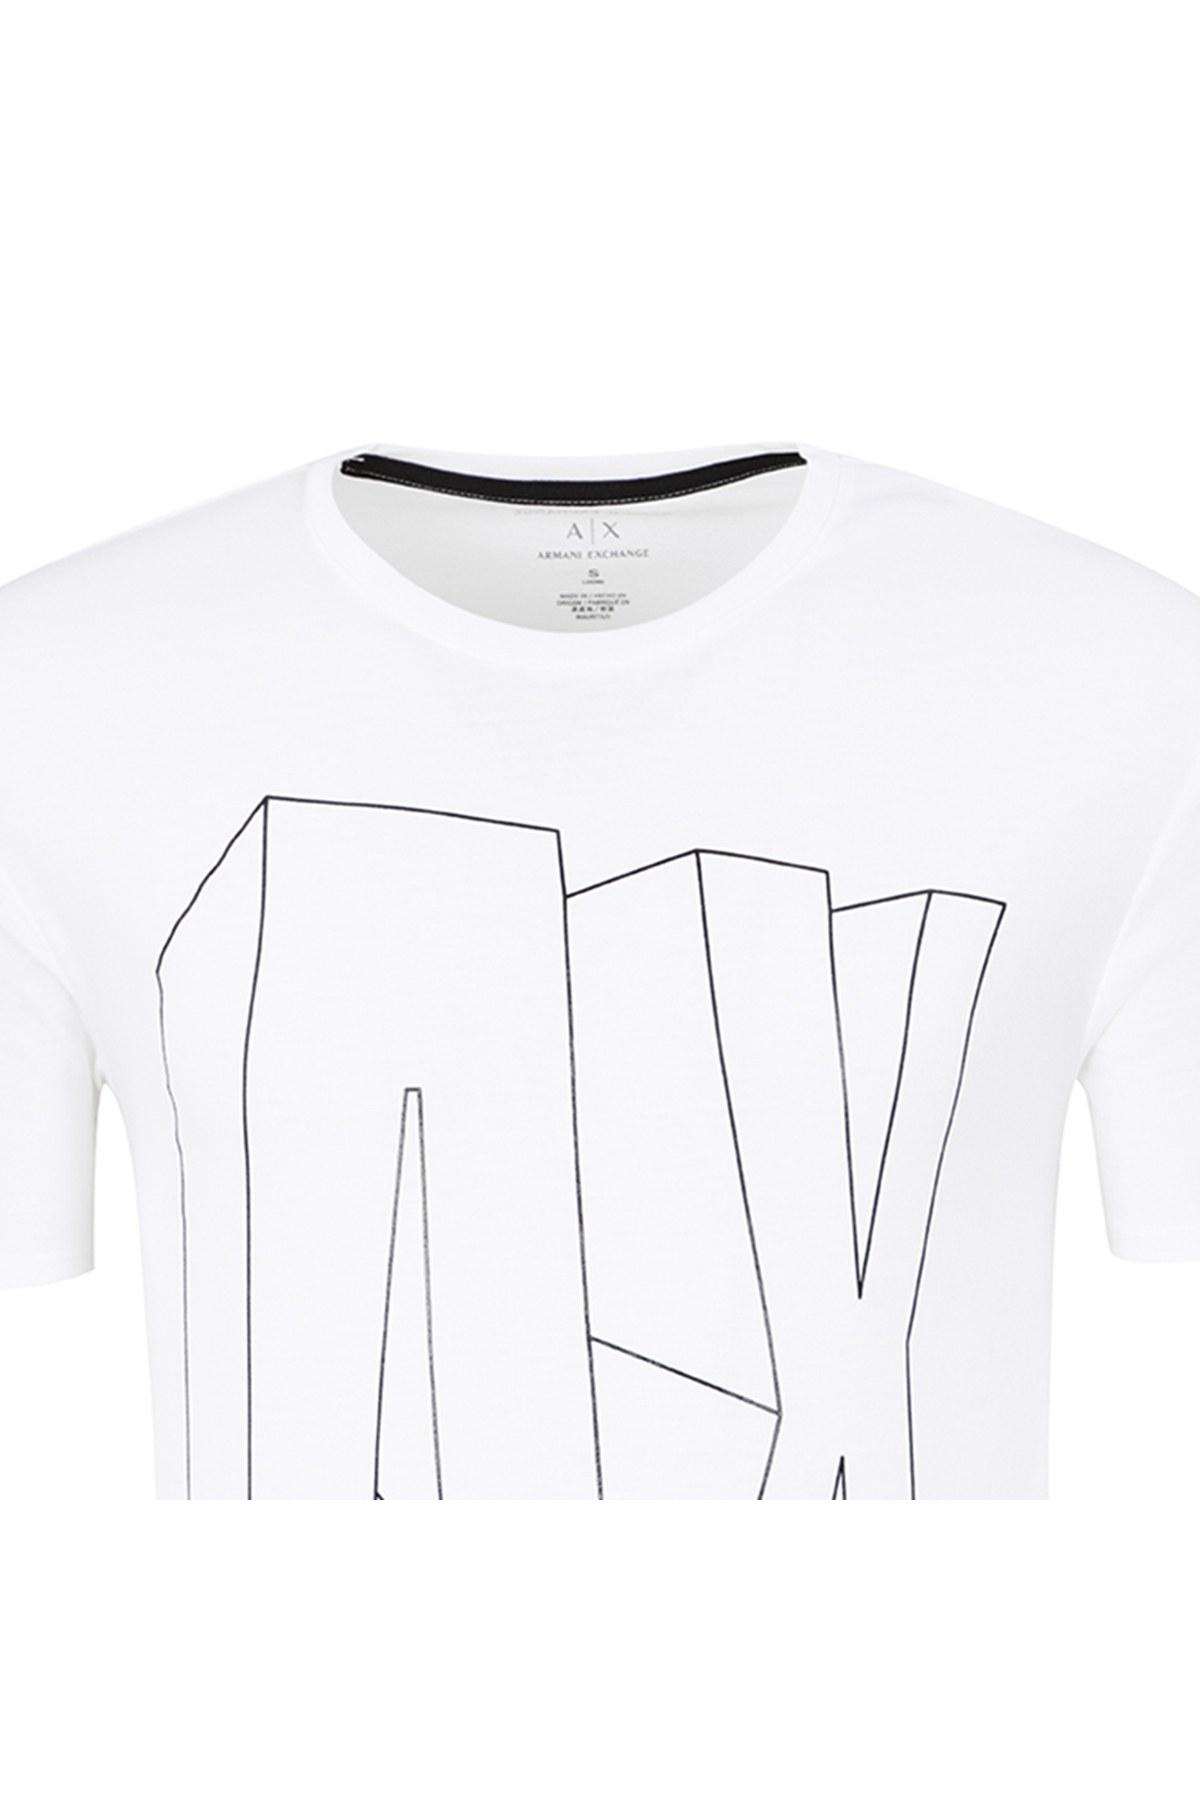 ARMANI EXCHANGE T SHIRT Erkek T Shirt 6ZZTAG ZJS3Z 1100 BEYAZ